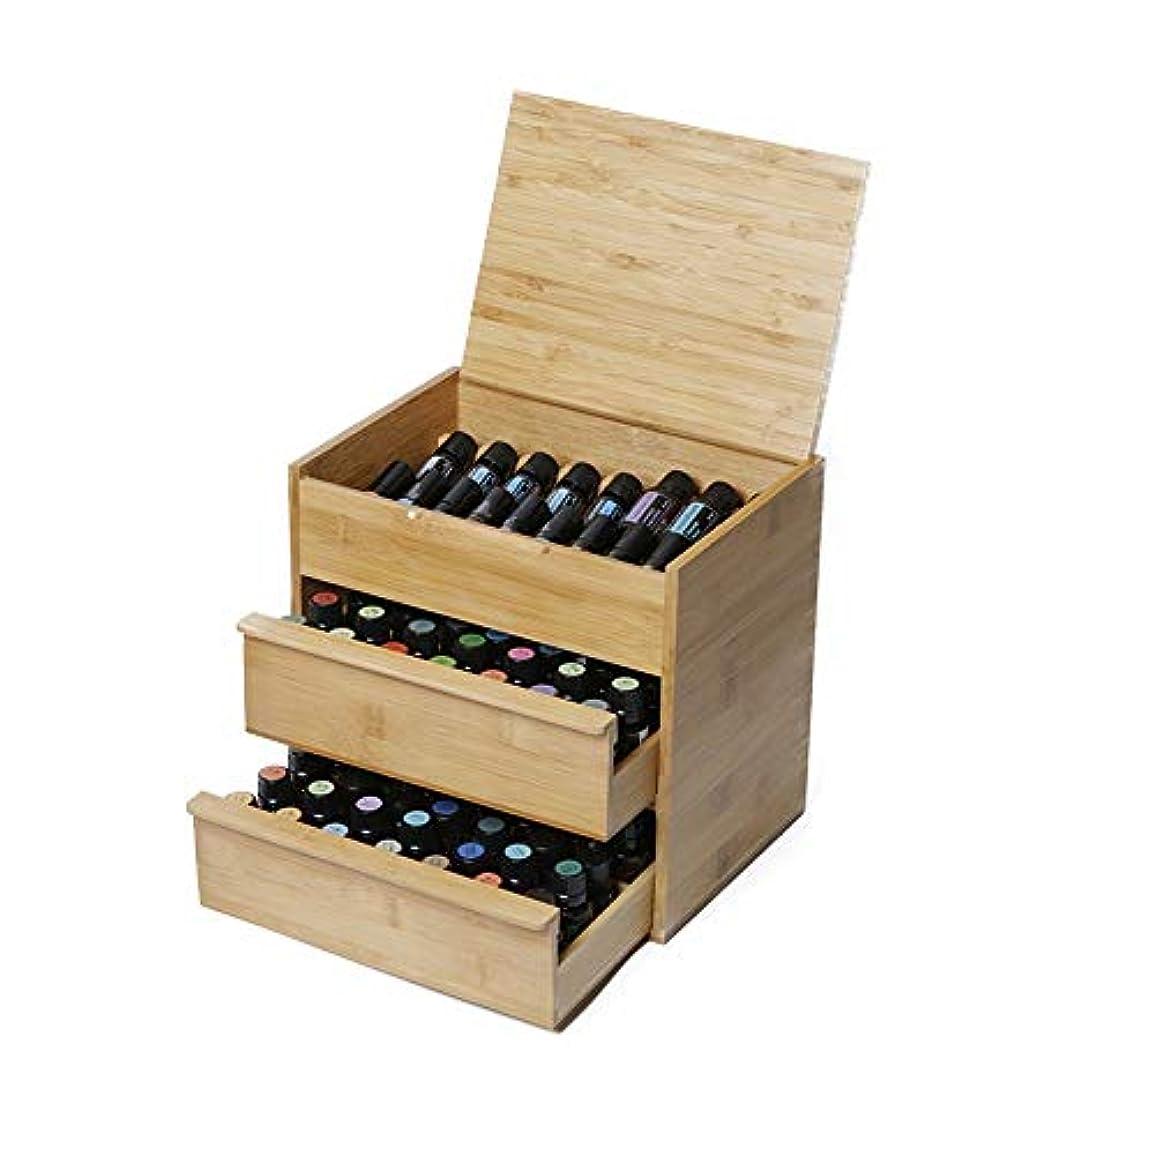 おしゃれじゃないどこにも賛辞精油ケース 88スロット木エッセンシャルオイルボックス3ティアボード内部リムーバブルは15/10/5 M1のボトル天然竹を開催します 携帯便利 (色 : Natural, サイズ : 26.5X24.5X19CM)